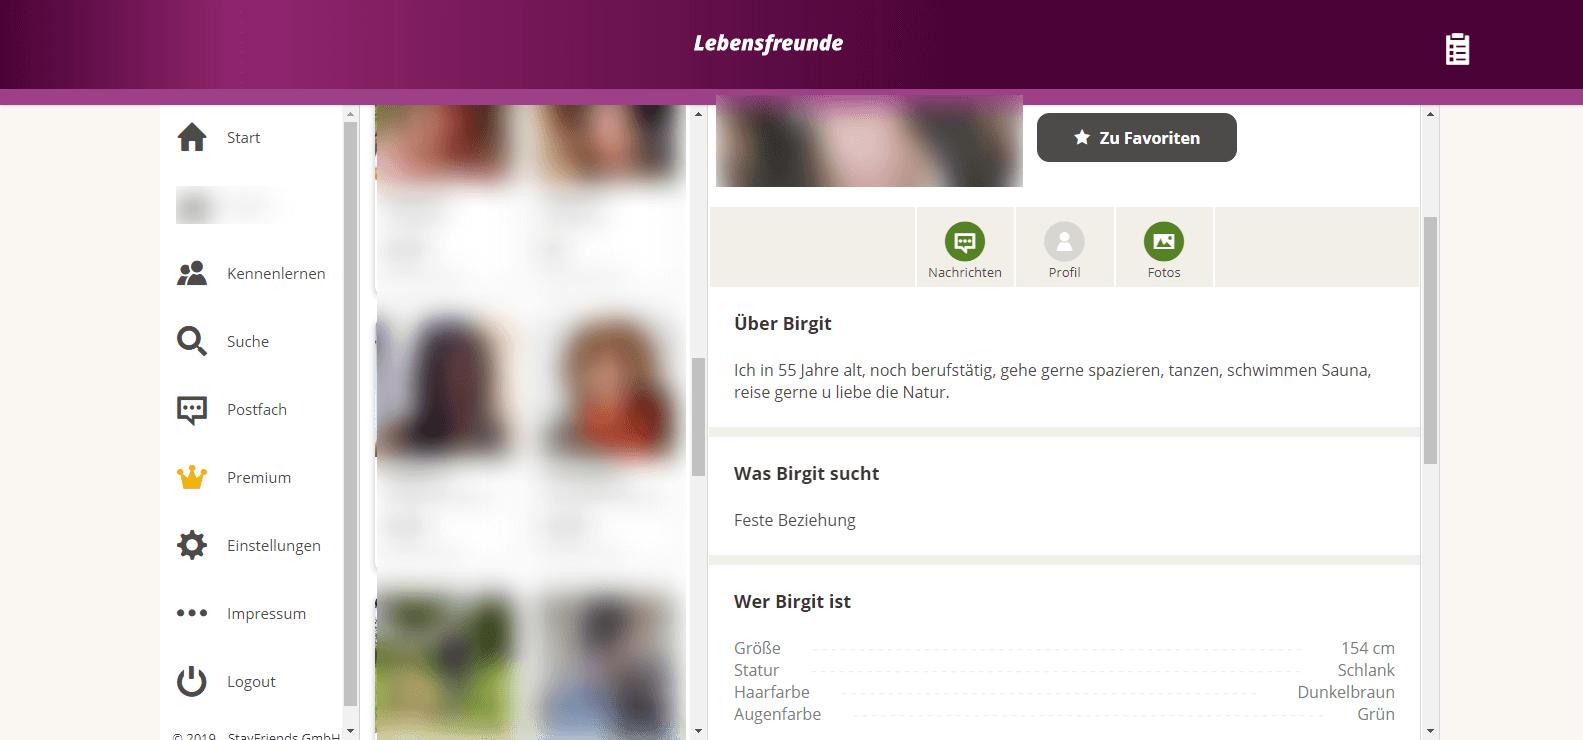 Email und vergessen stayfriends passwort Stayfriends